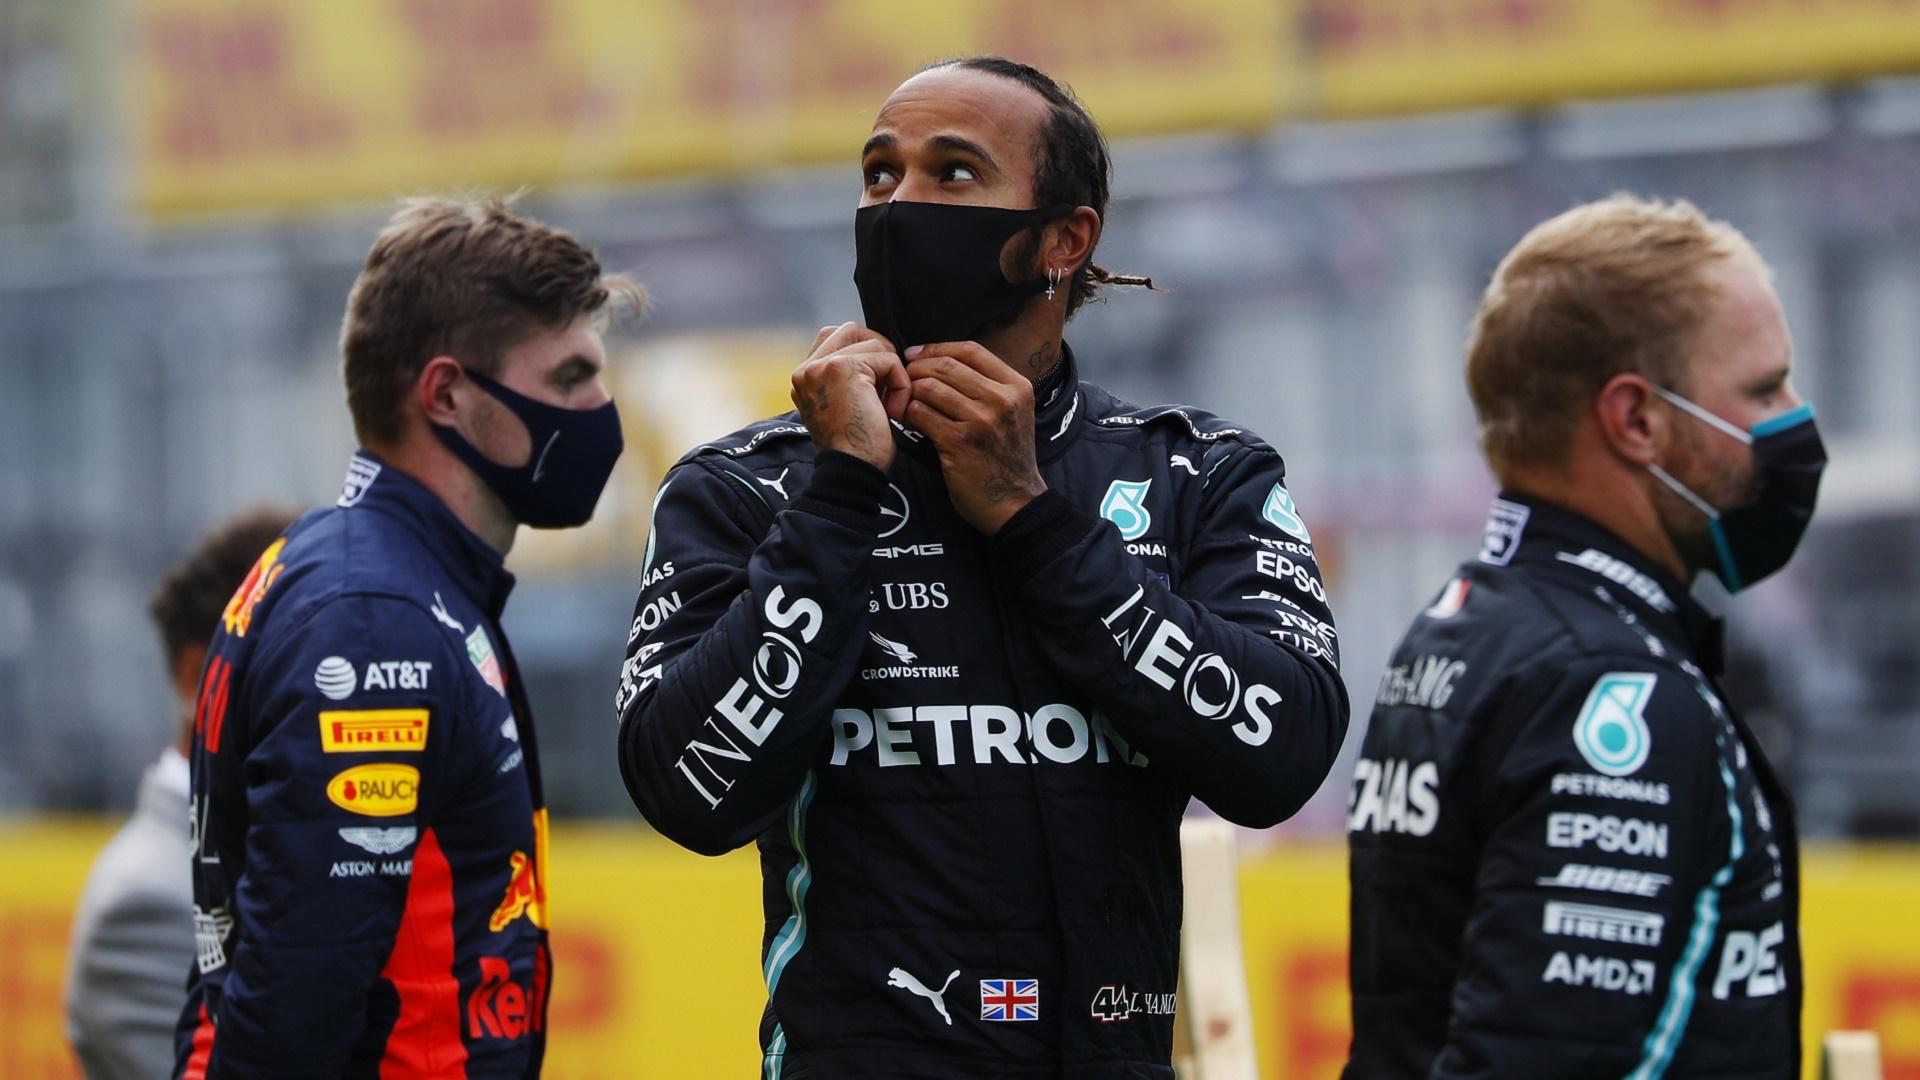 2020-07-12 Styrian F1 Formula 1 Hamilton Mercedes